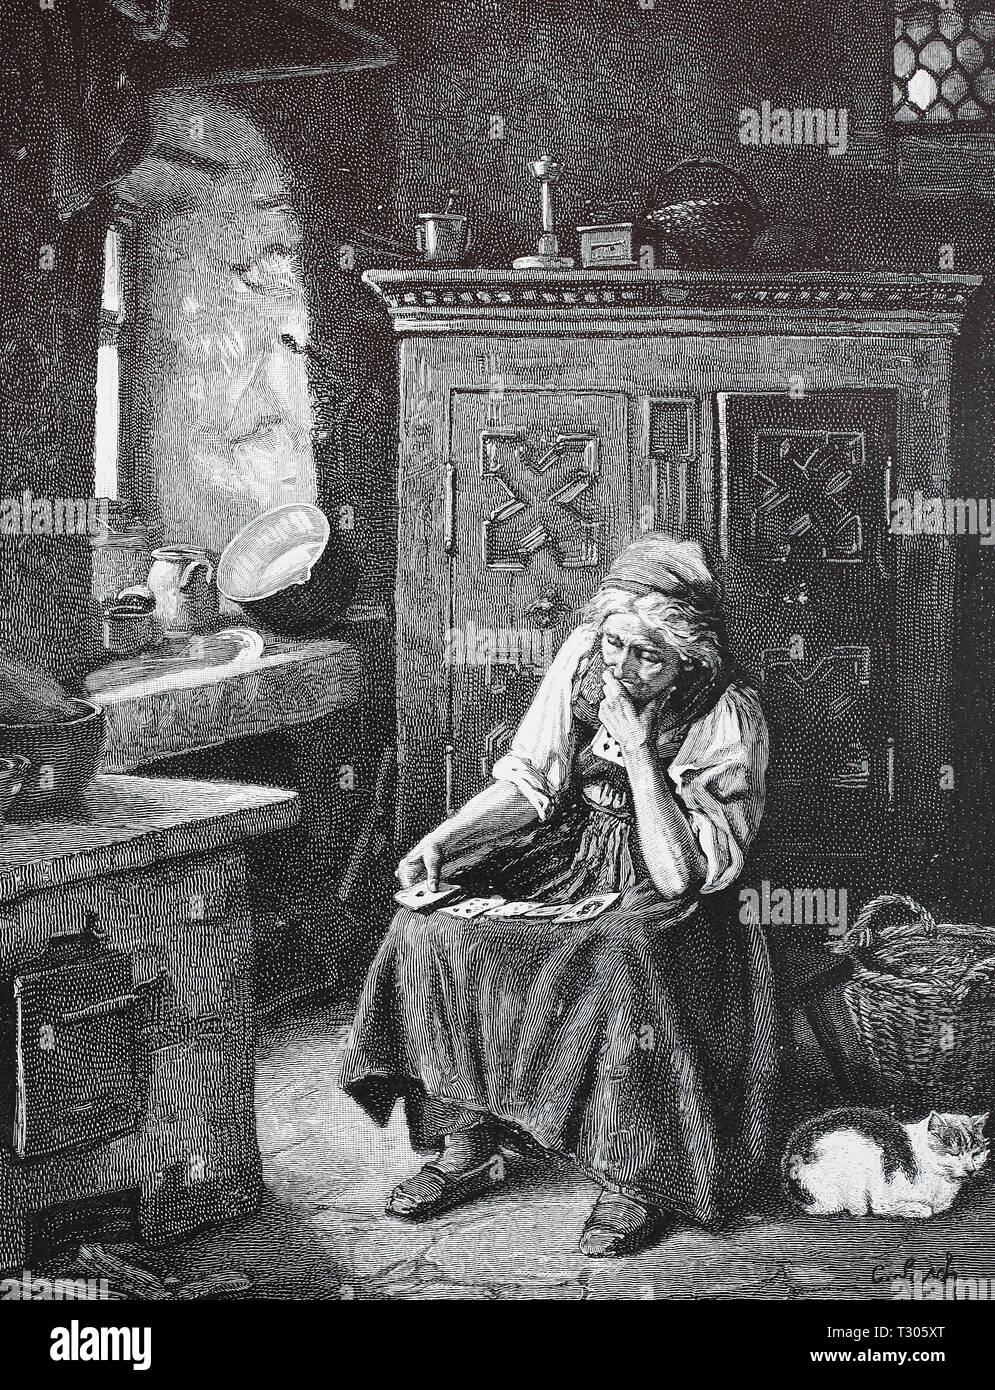 Digital improved reproduction, old Kartenlegerin in her room, has spread out the maps on her apron, alte Kartenlegerin in ihrem Zimmer, hat die Karten auf ihrer Schürze ausgebreitet, from an original print from the 19th century - Stock Image